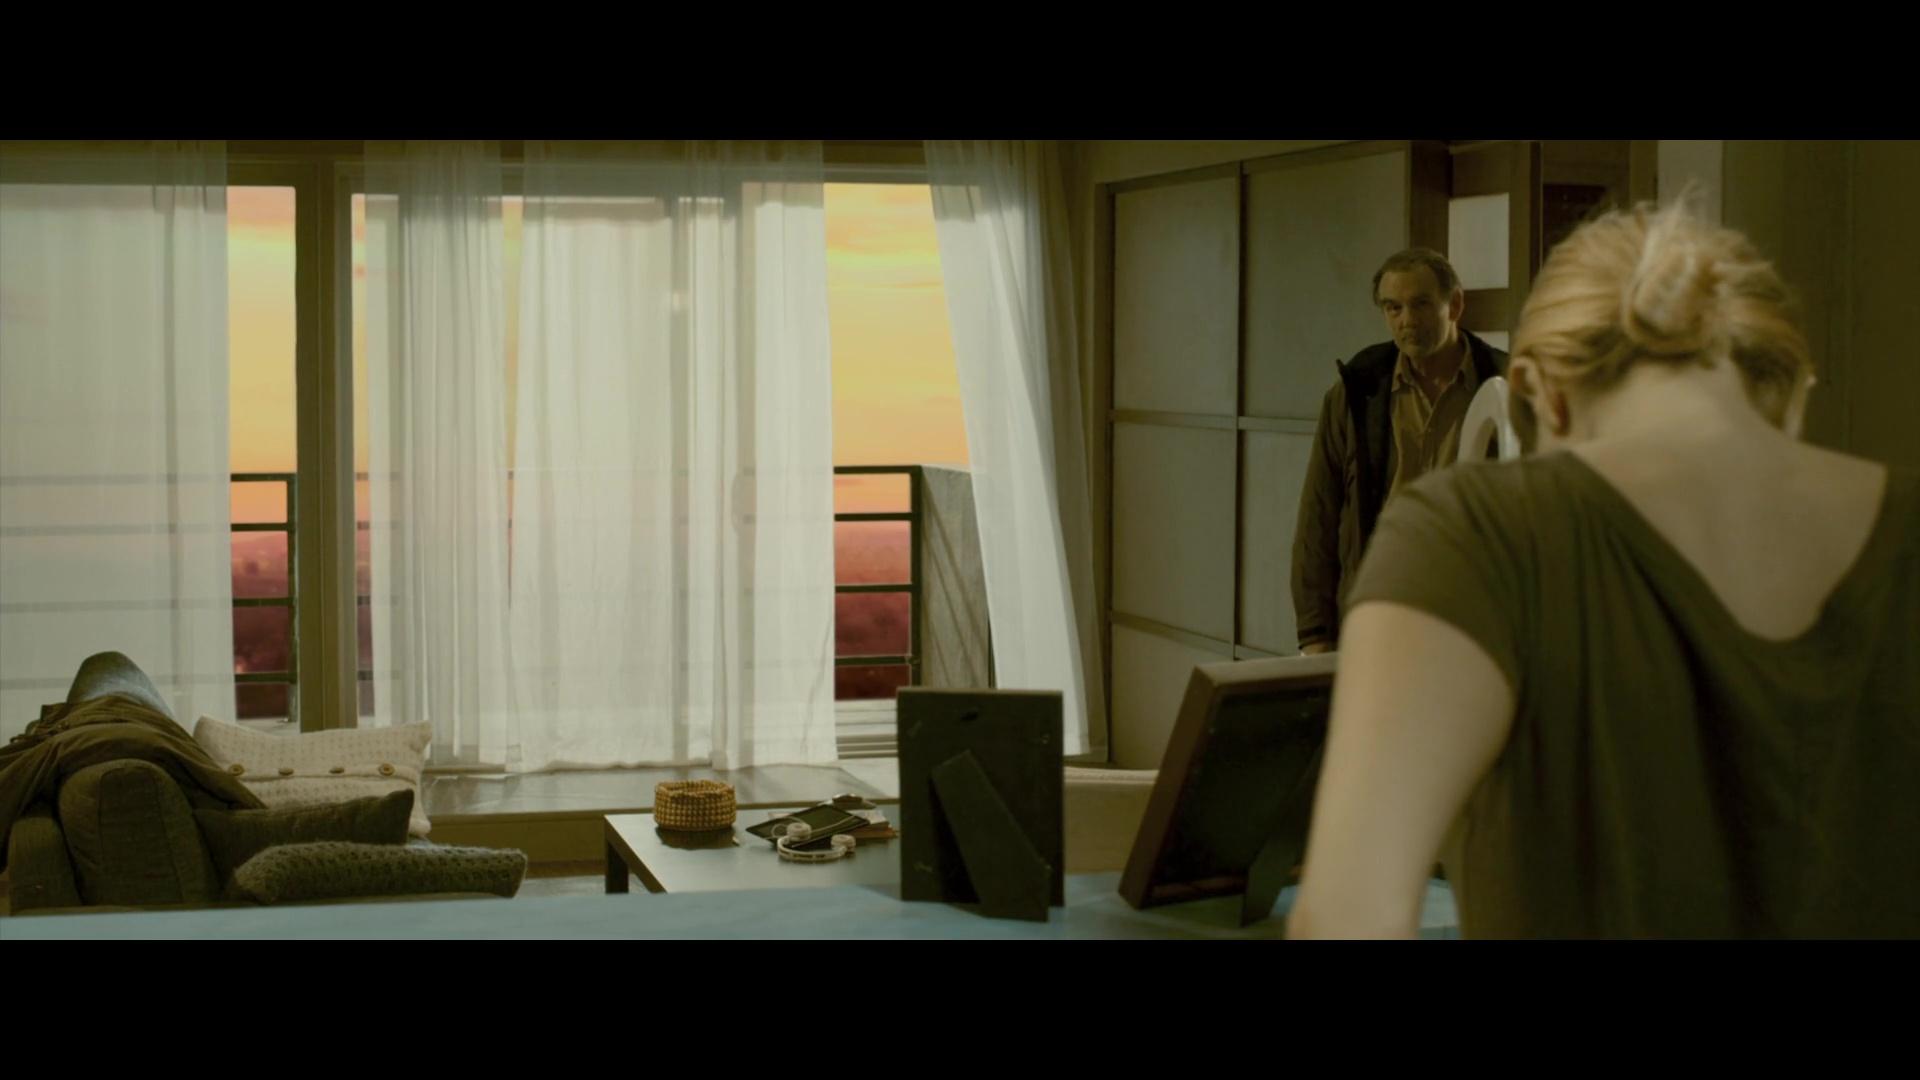 Apartamento Siniestro 1080p Cas-Ing 5.1 (2013)